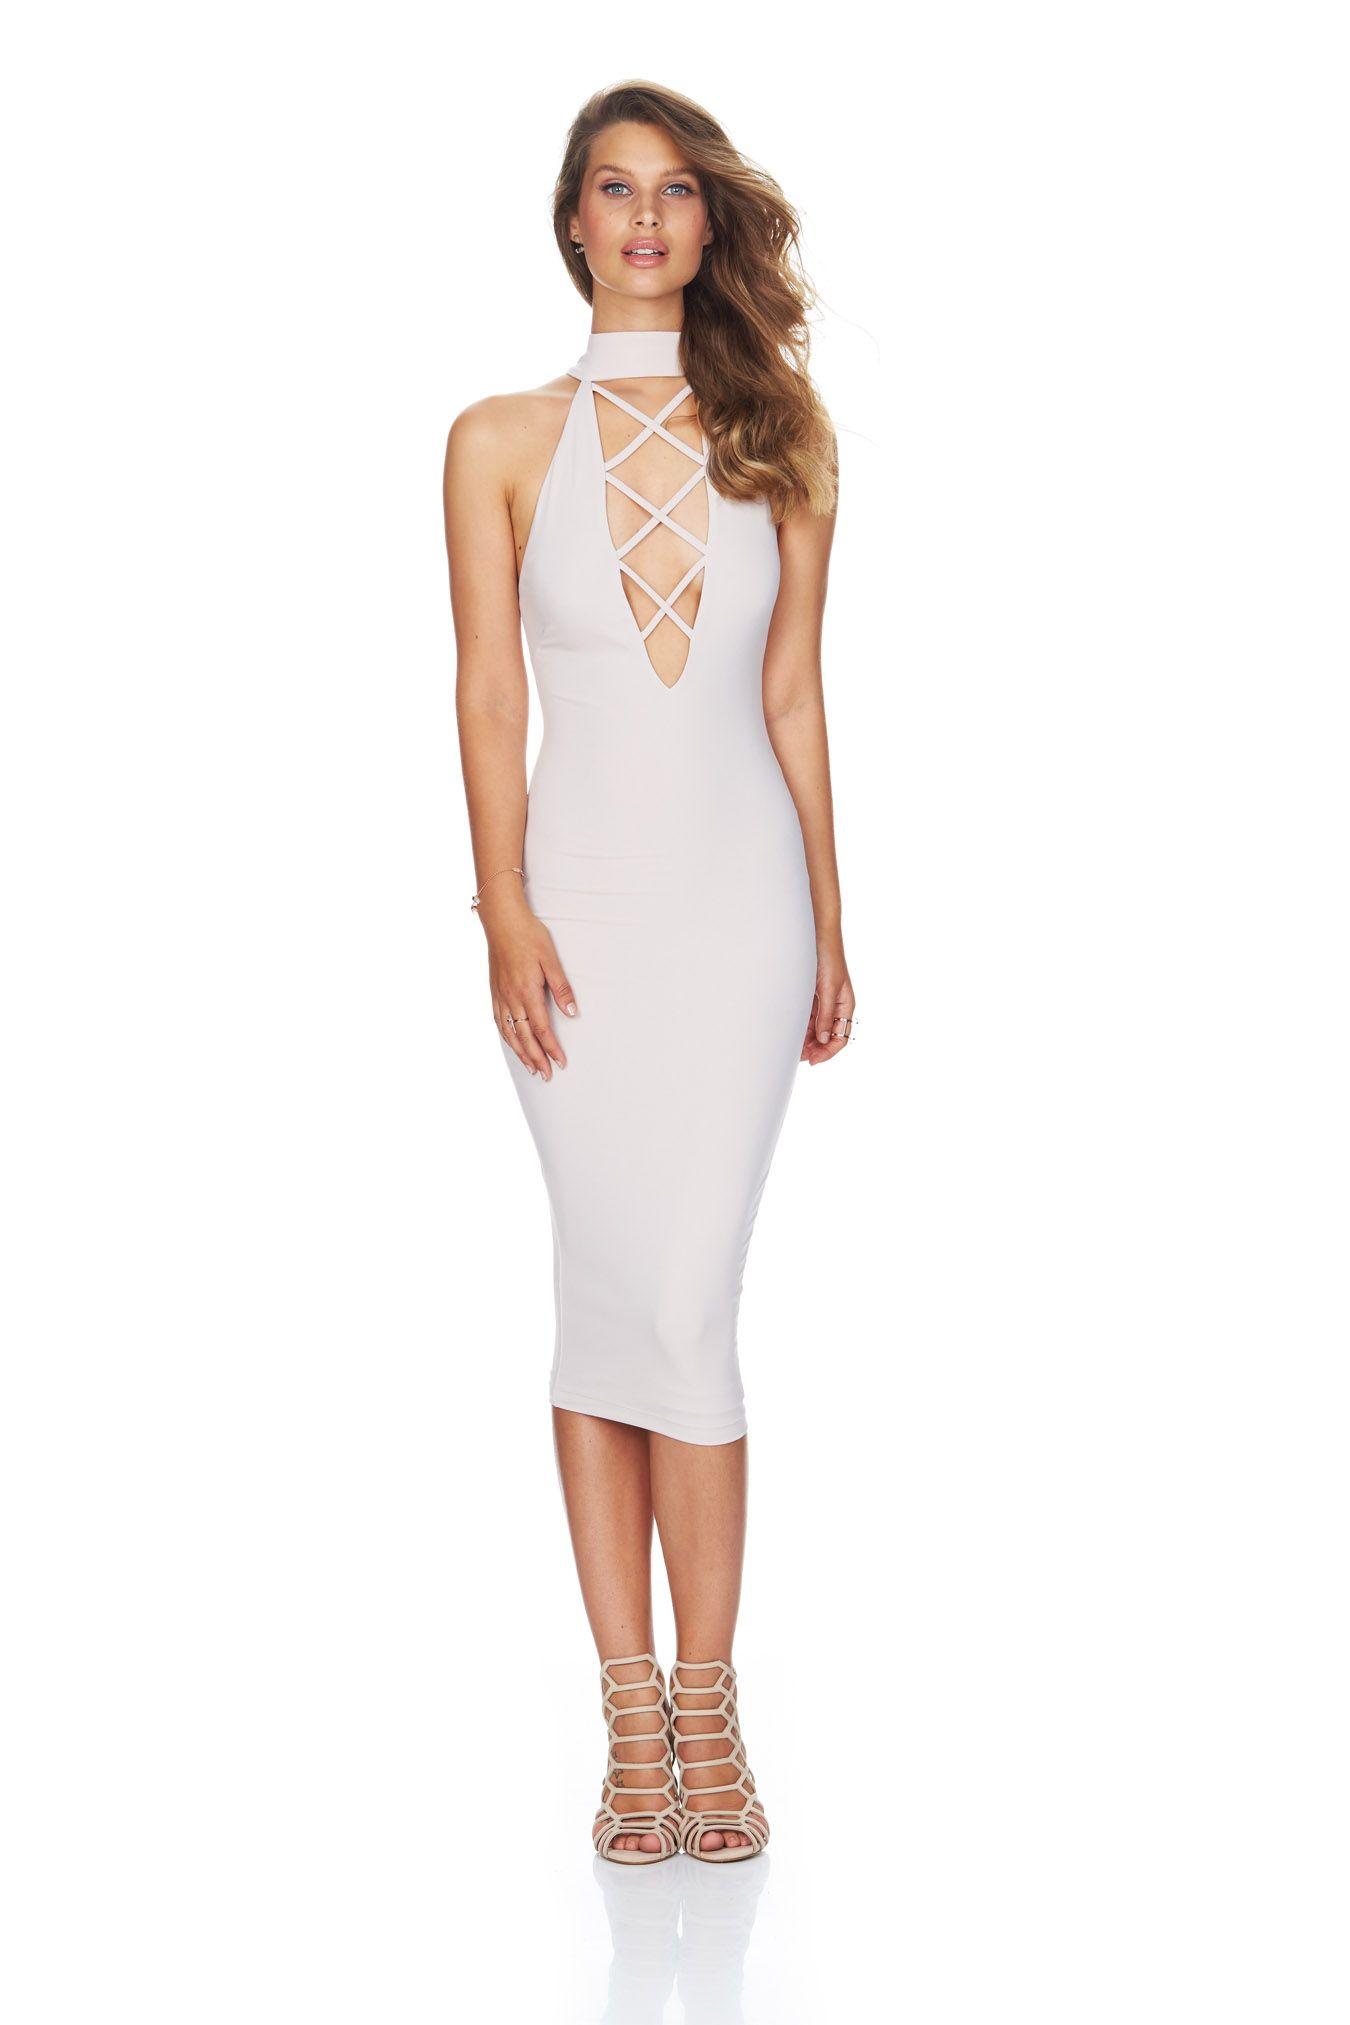 Shop the hottest designer dresses at meranski.com